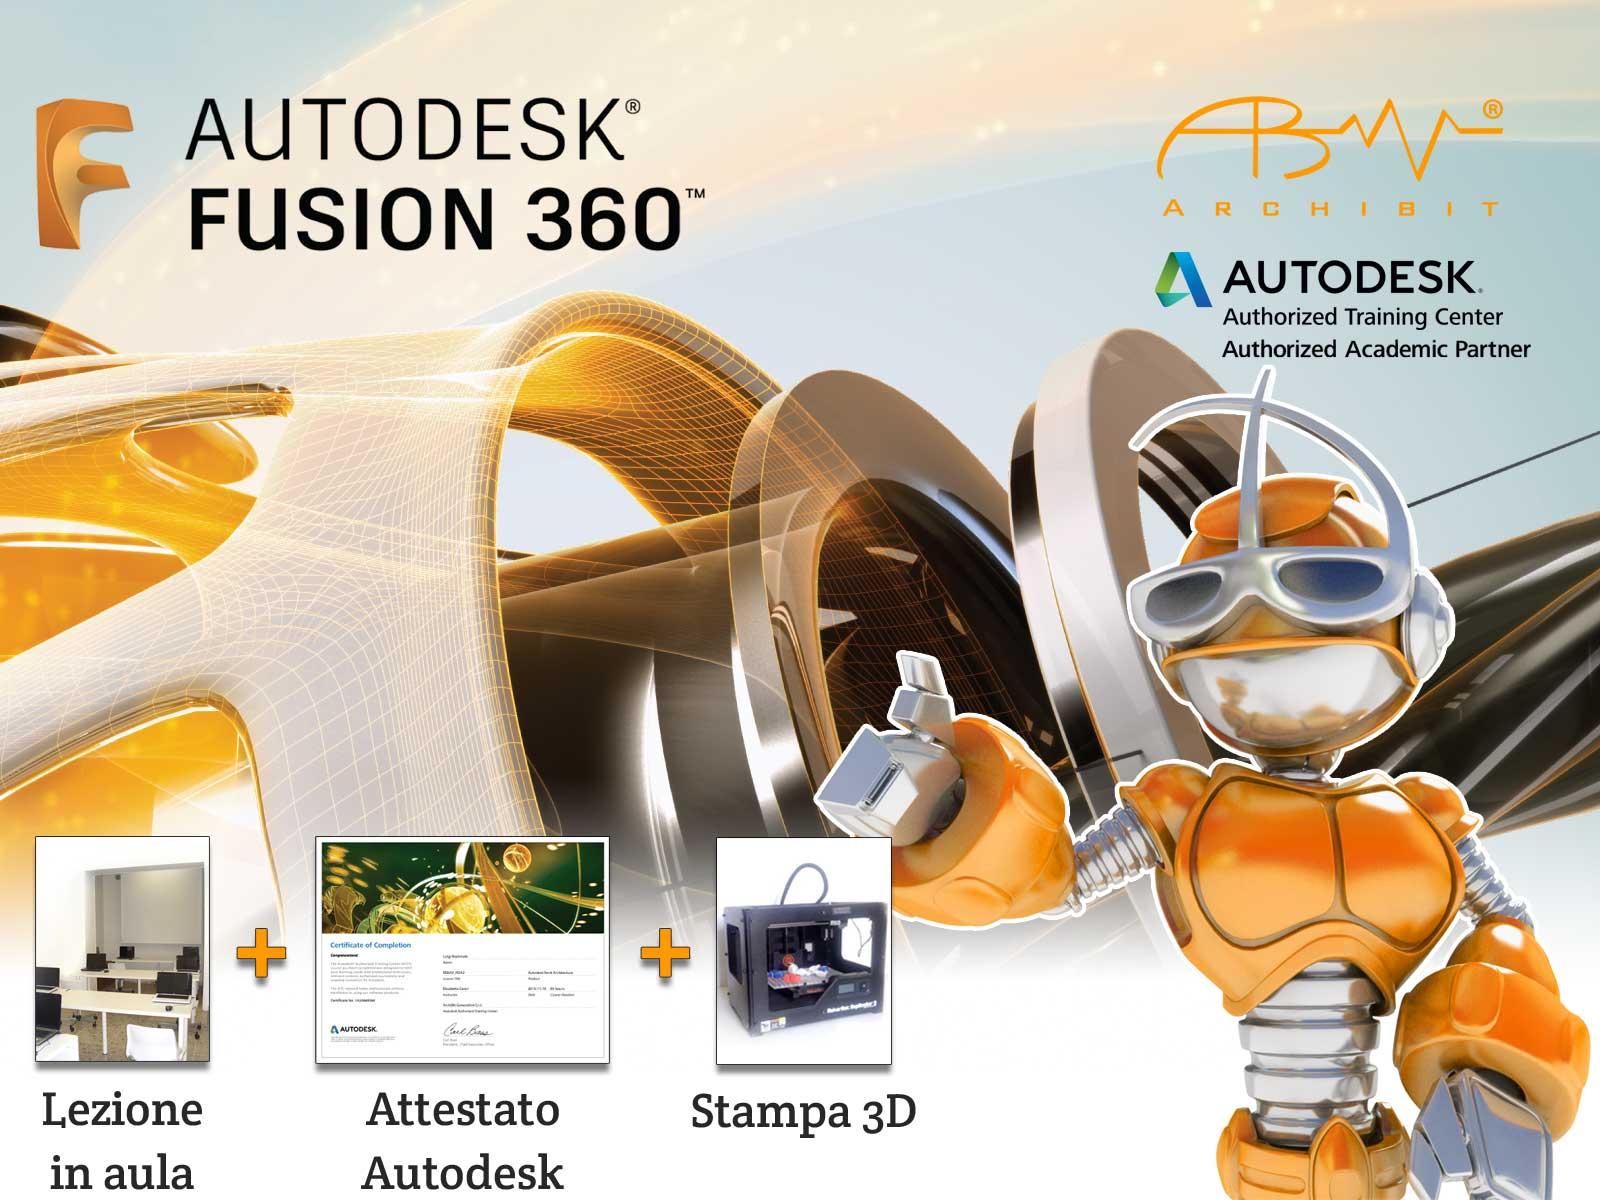 corso fusion 360 corso autodesk fusion360 archibit centro corsi autodesk roma